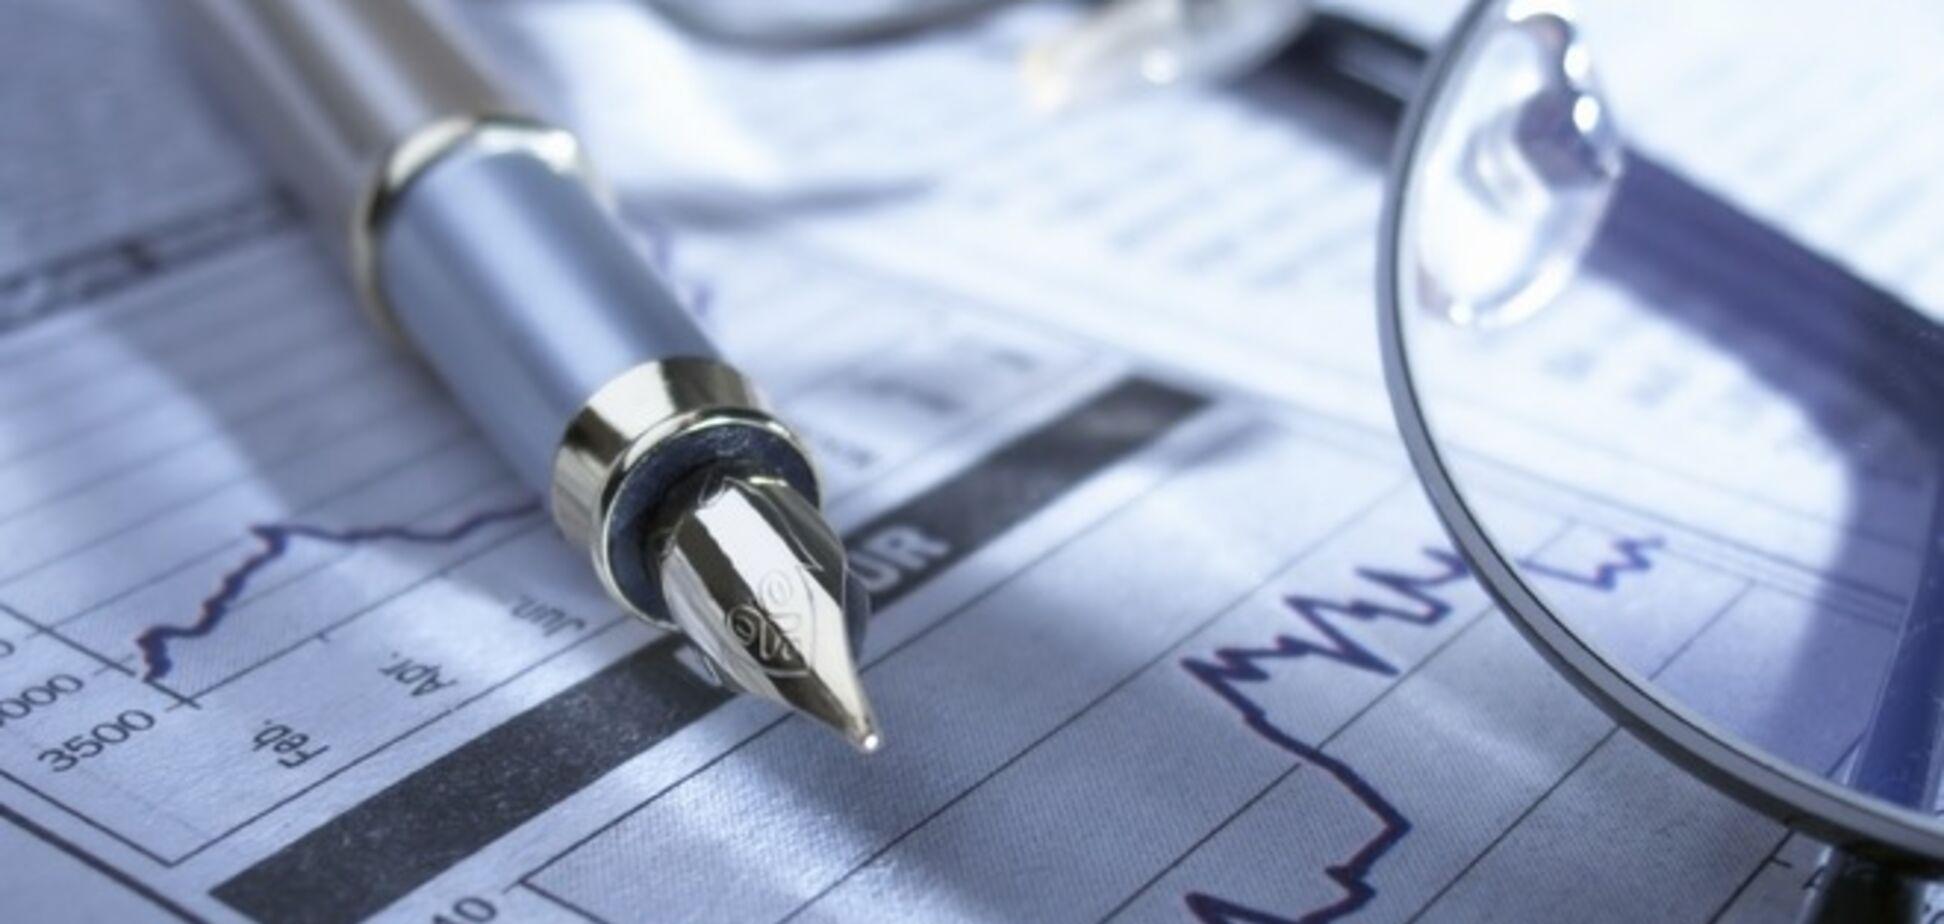 Акции совладельца банка 'Национальный кредит' исчезли